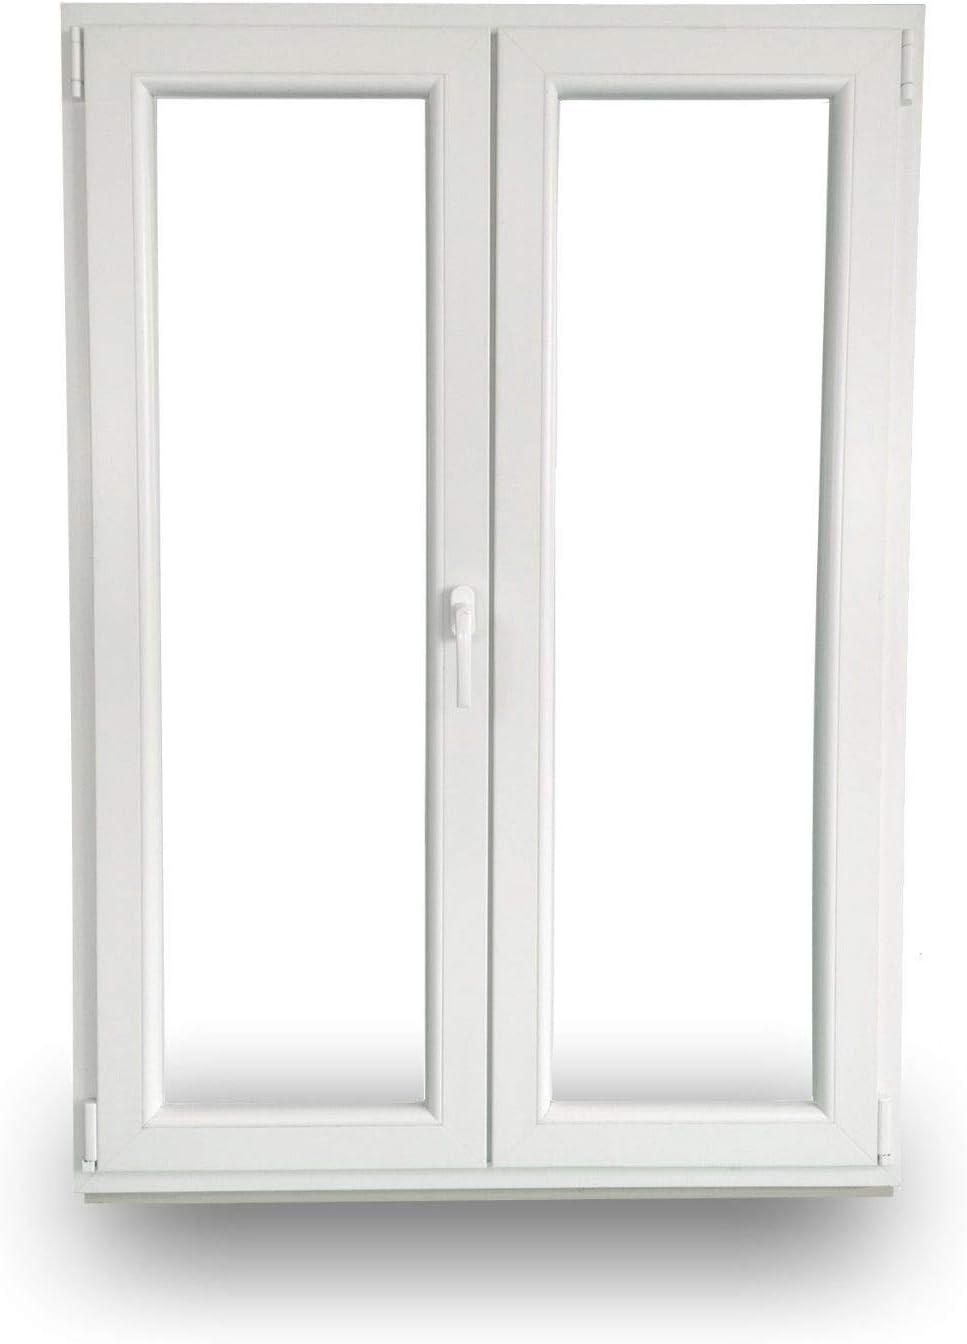 BxH: 2000x1900mm Dreh Rechts JeCo Kunststofft/ür Balkont/ür Stulpt/ür Dreh-Kipp Links 2-Fl/ügelig 2-Fach-Verglasung 60mm Bautiefe